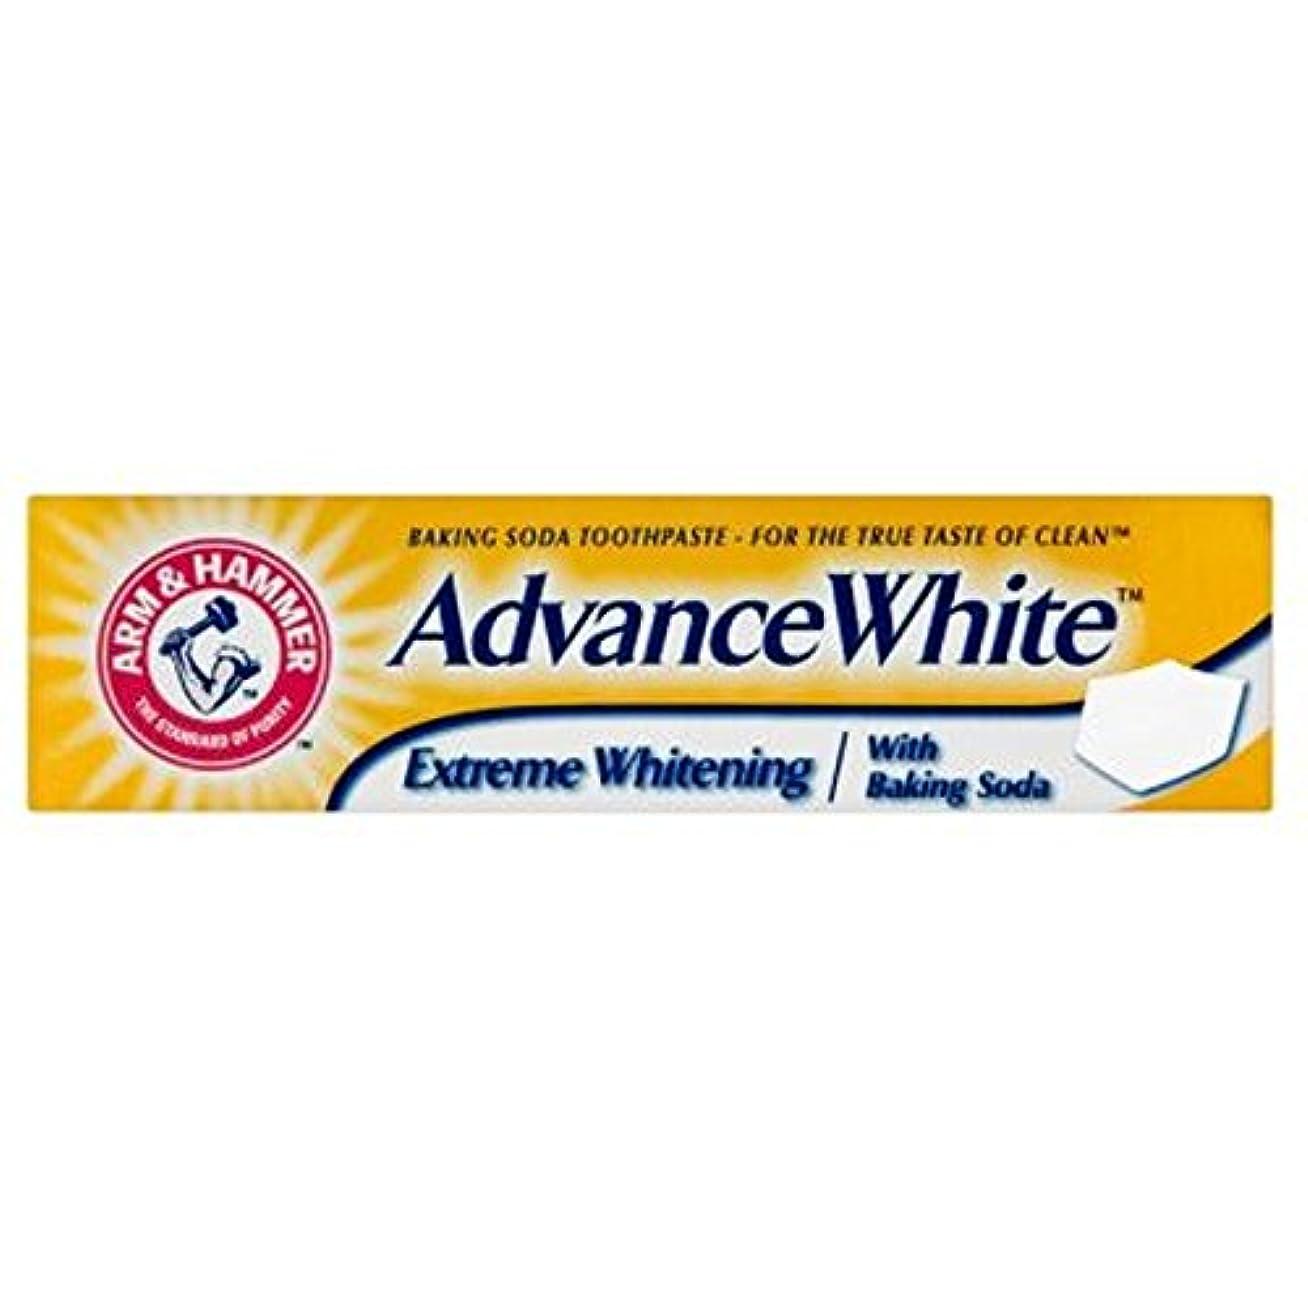 医療過誤バスルームテセウスArm & Hammer Advance White Extreme Whitening Baking Soda Toothpaste 75ml - 重曹歯磨き粉75ミリリットルをホワイトニングアーム&ハンマー事前白極端...